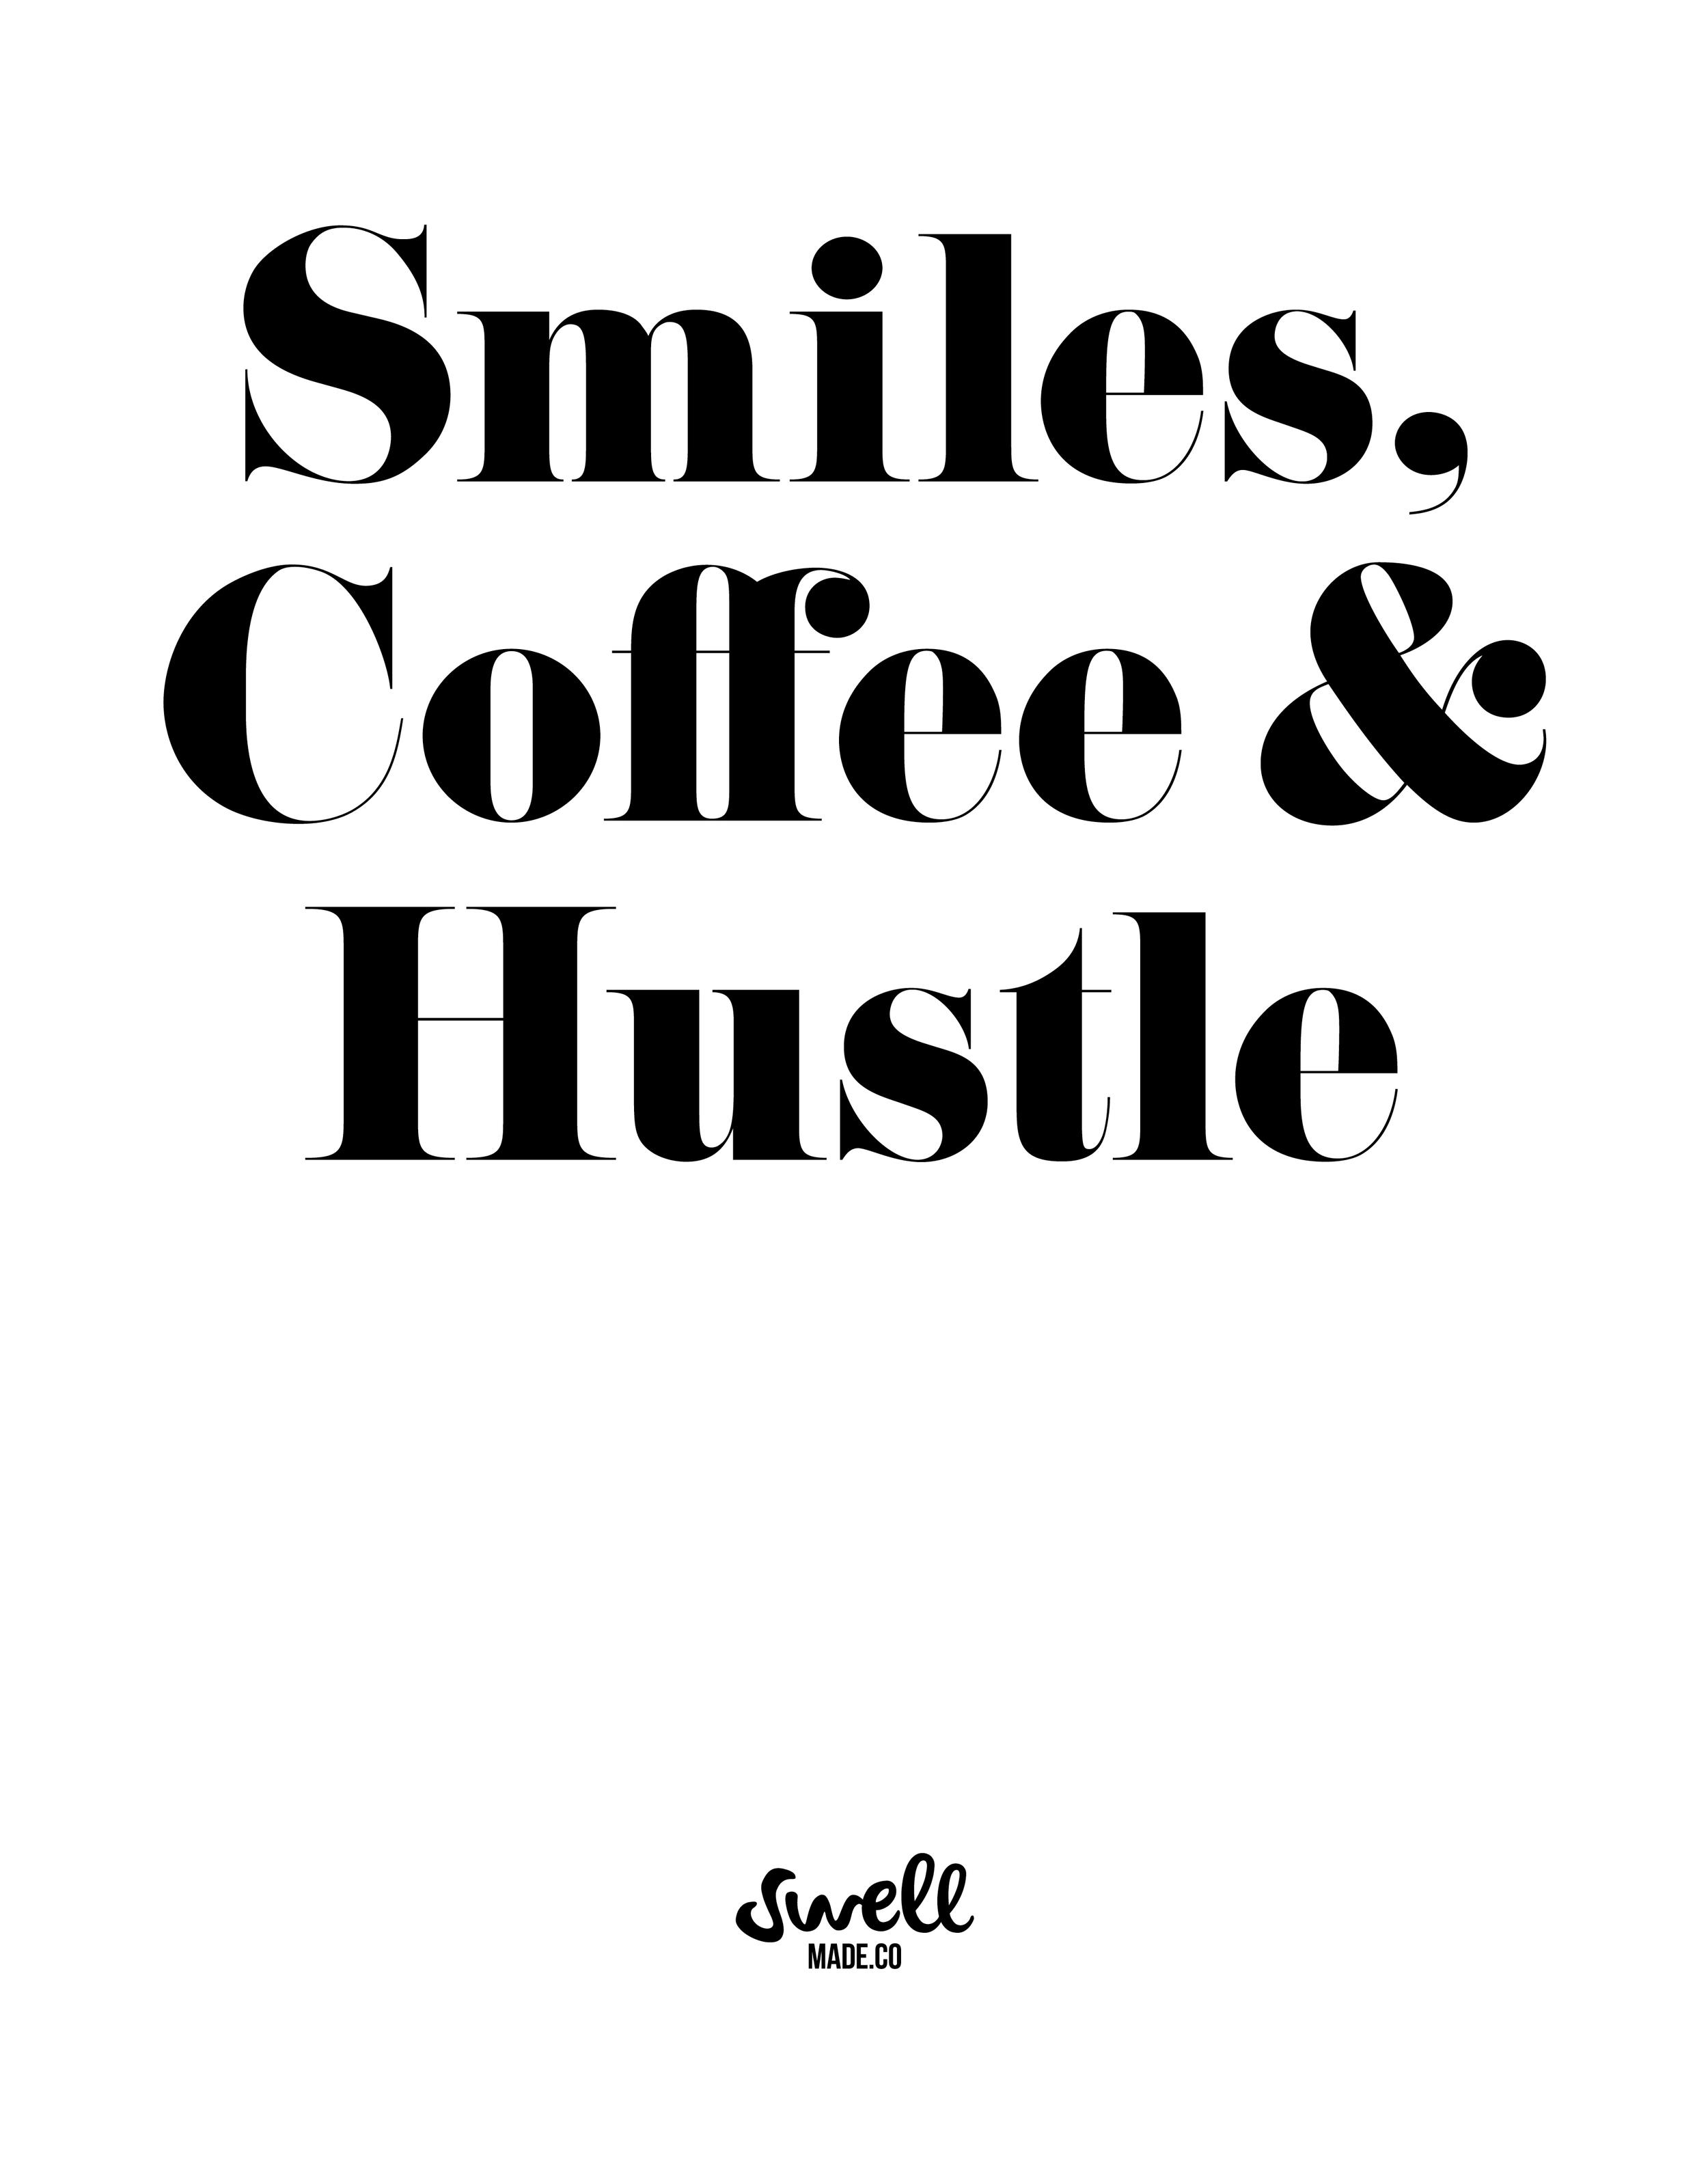 swellamdeco-smiles-cofee-hustle.jpg